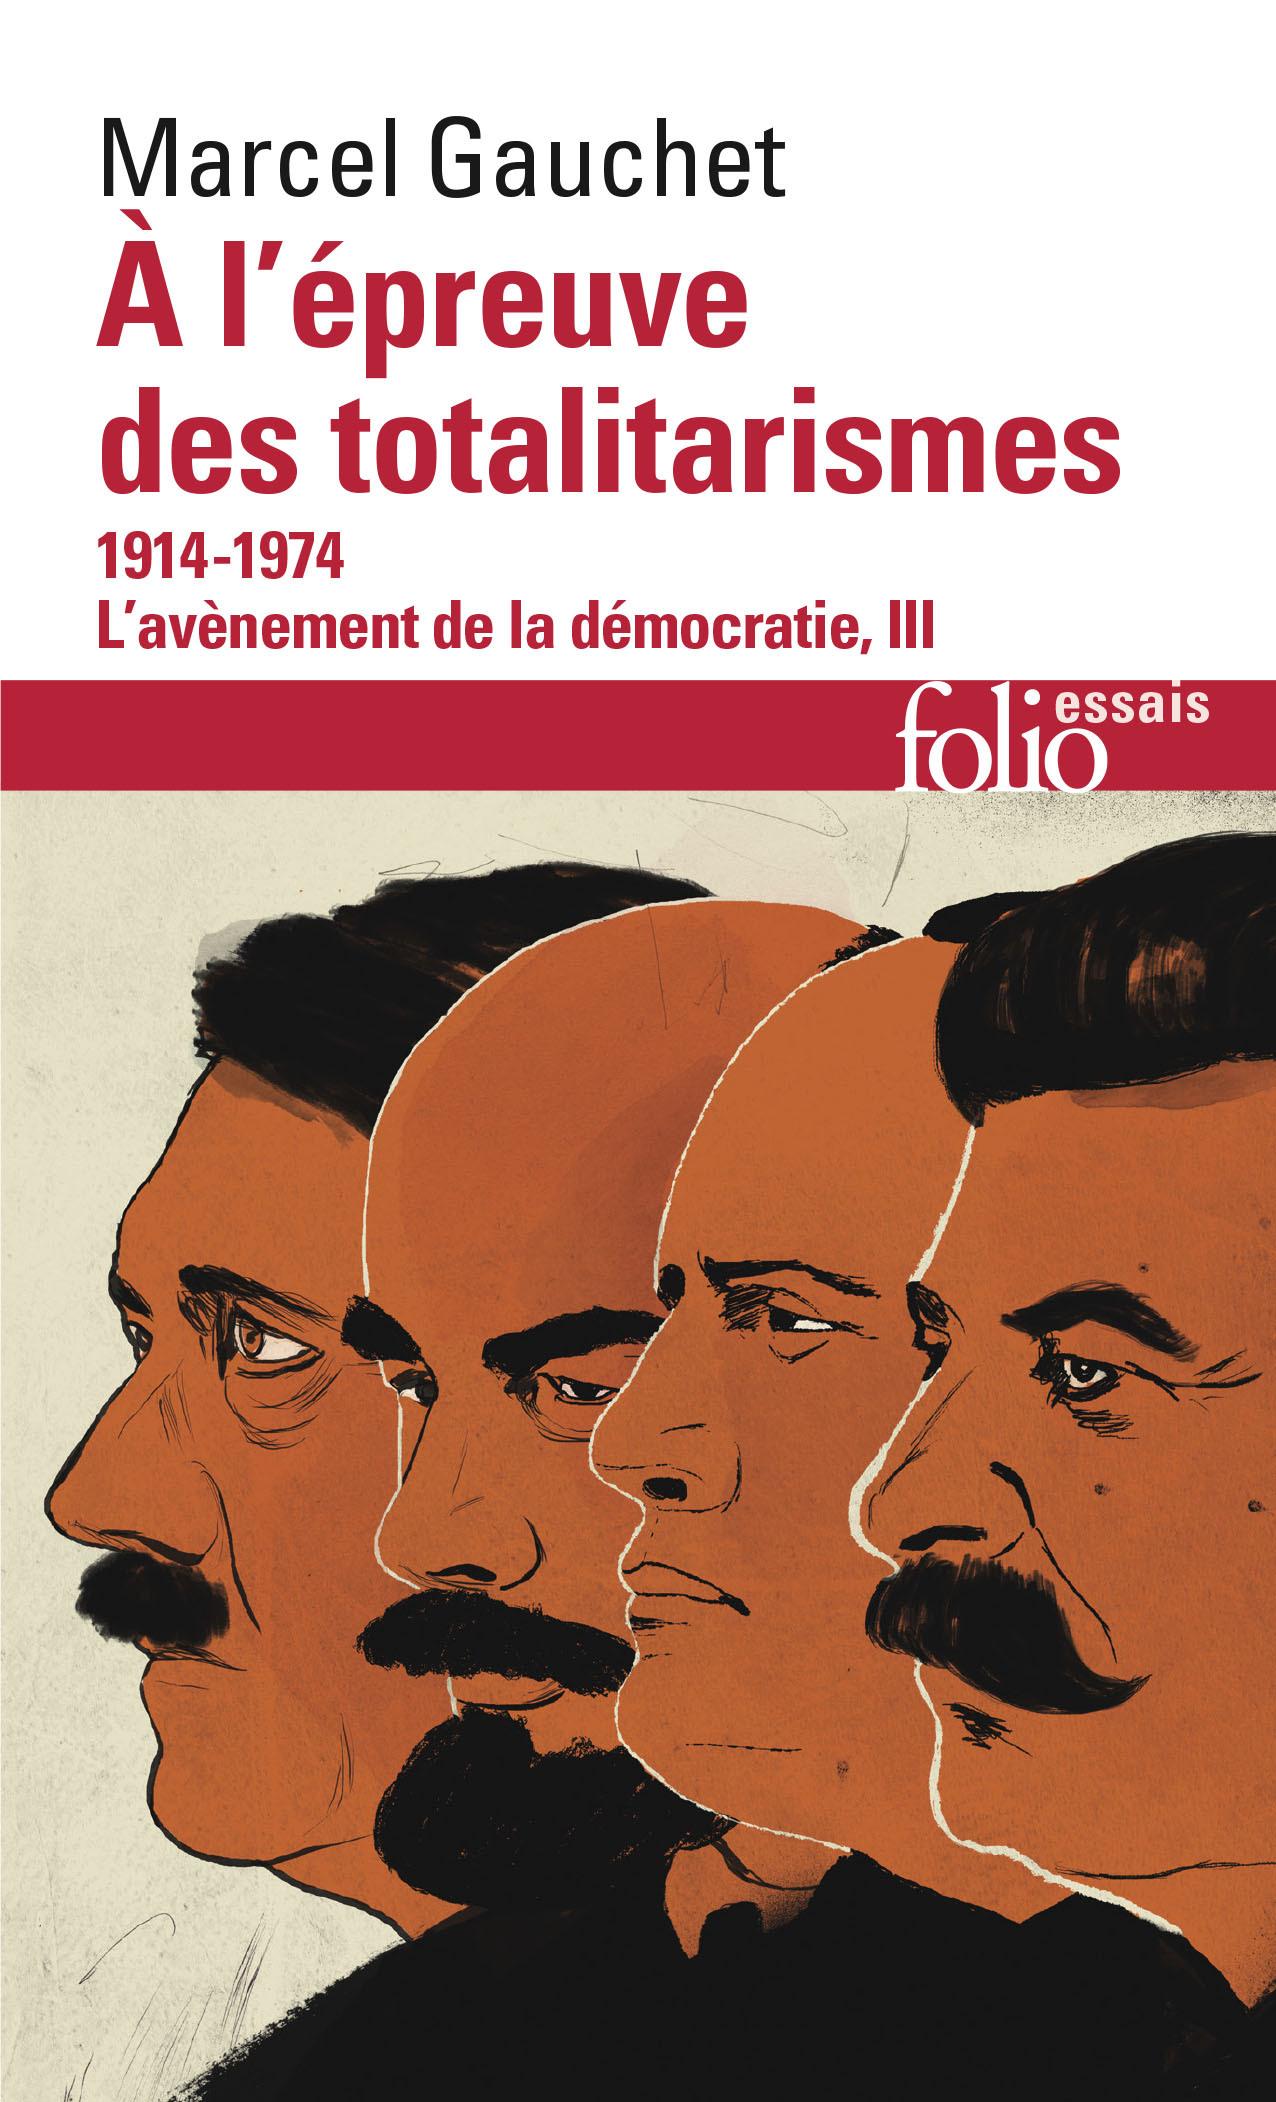 A L'EPREUVE DES TOTALITARISMES, 1914-1974 - 1914-1974)